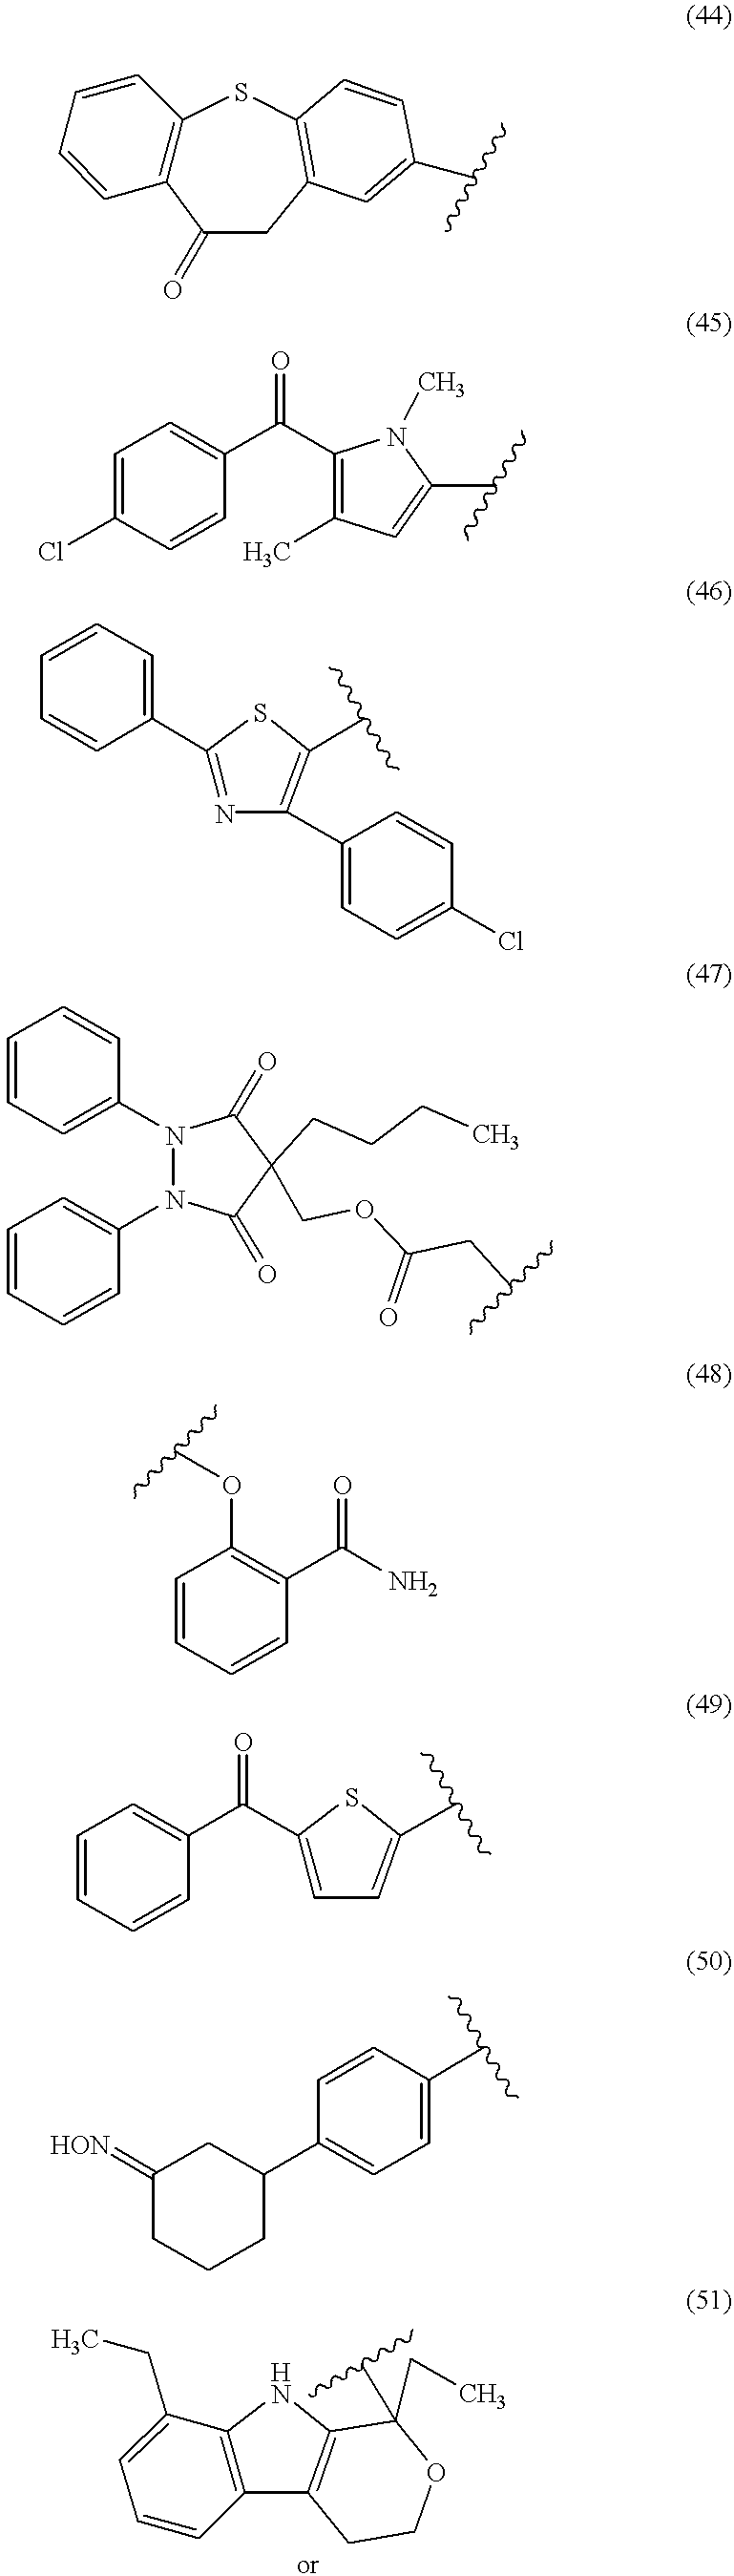 Figure US06297260-20011002-C00021